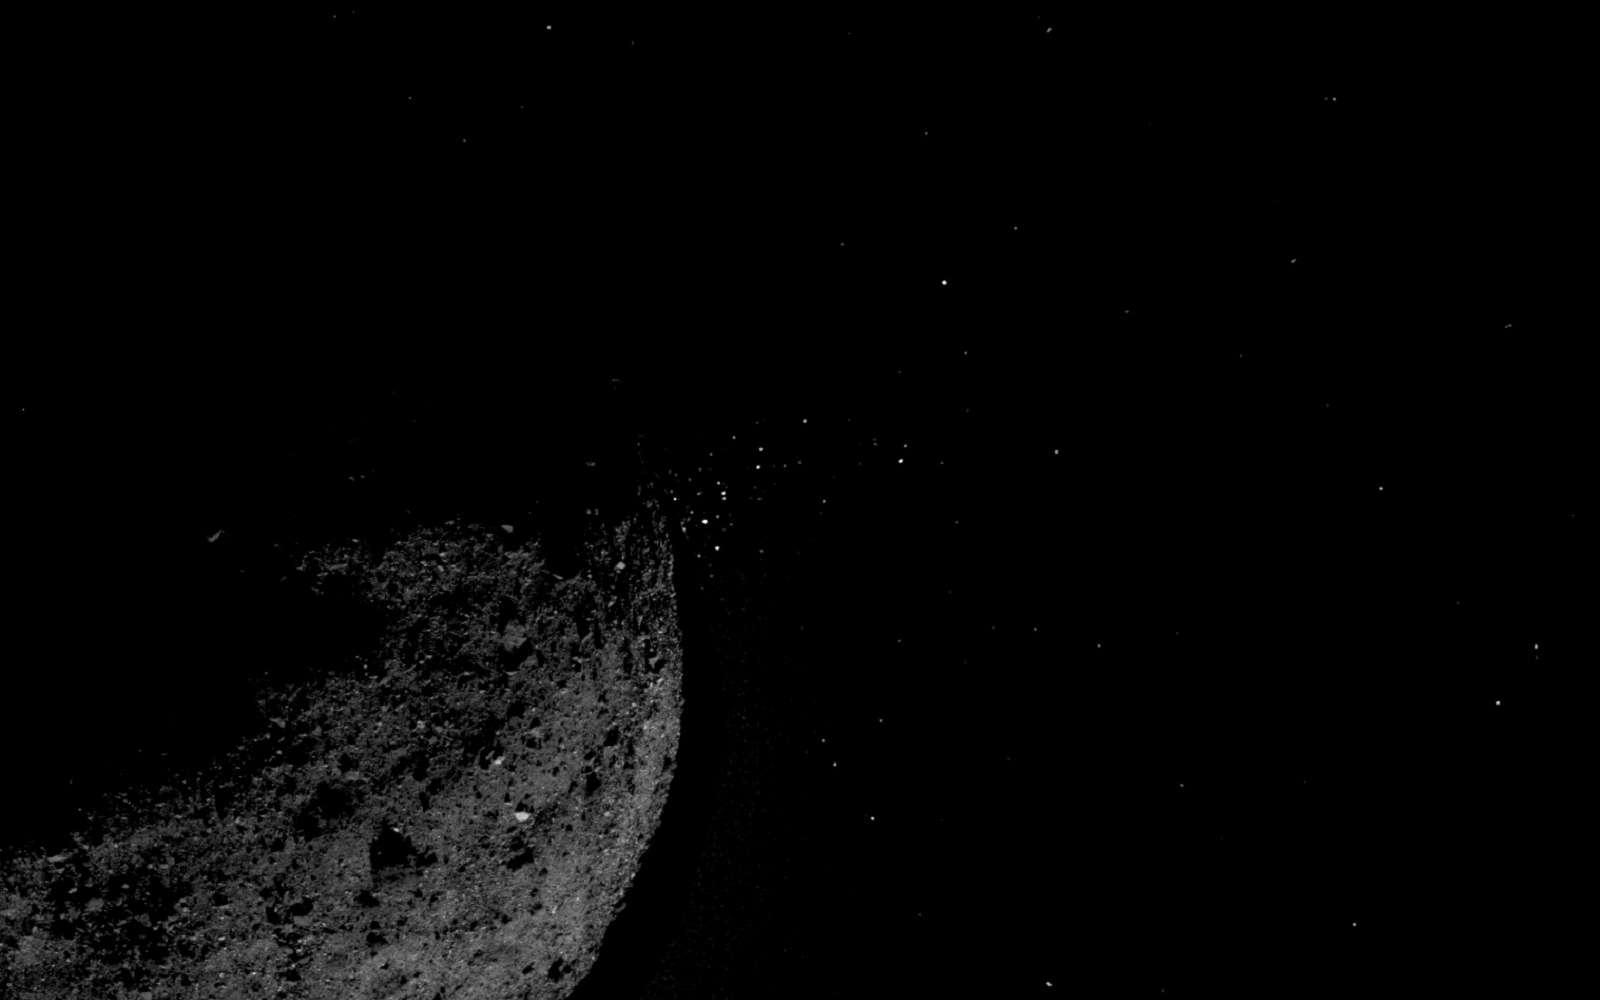 De la poussière éjectée de la surface de Bennu vue le 19 janvier 2019 par Osiris-Rex, alors à 1,61 km d'altitude. © Nasa, Goddard, University of Arizona, Lockheed Martin